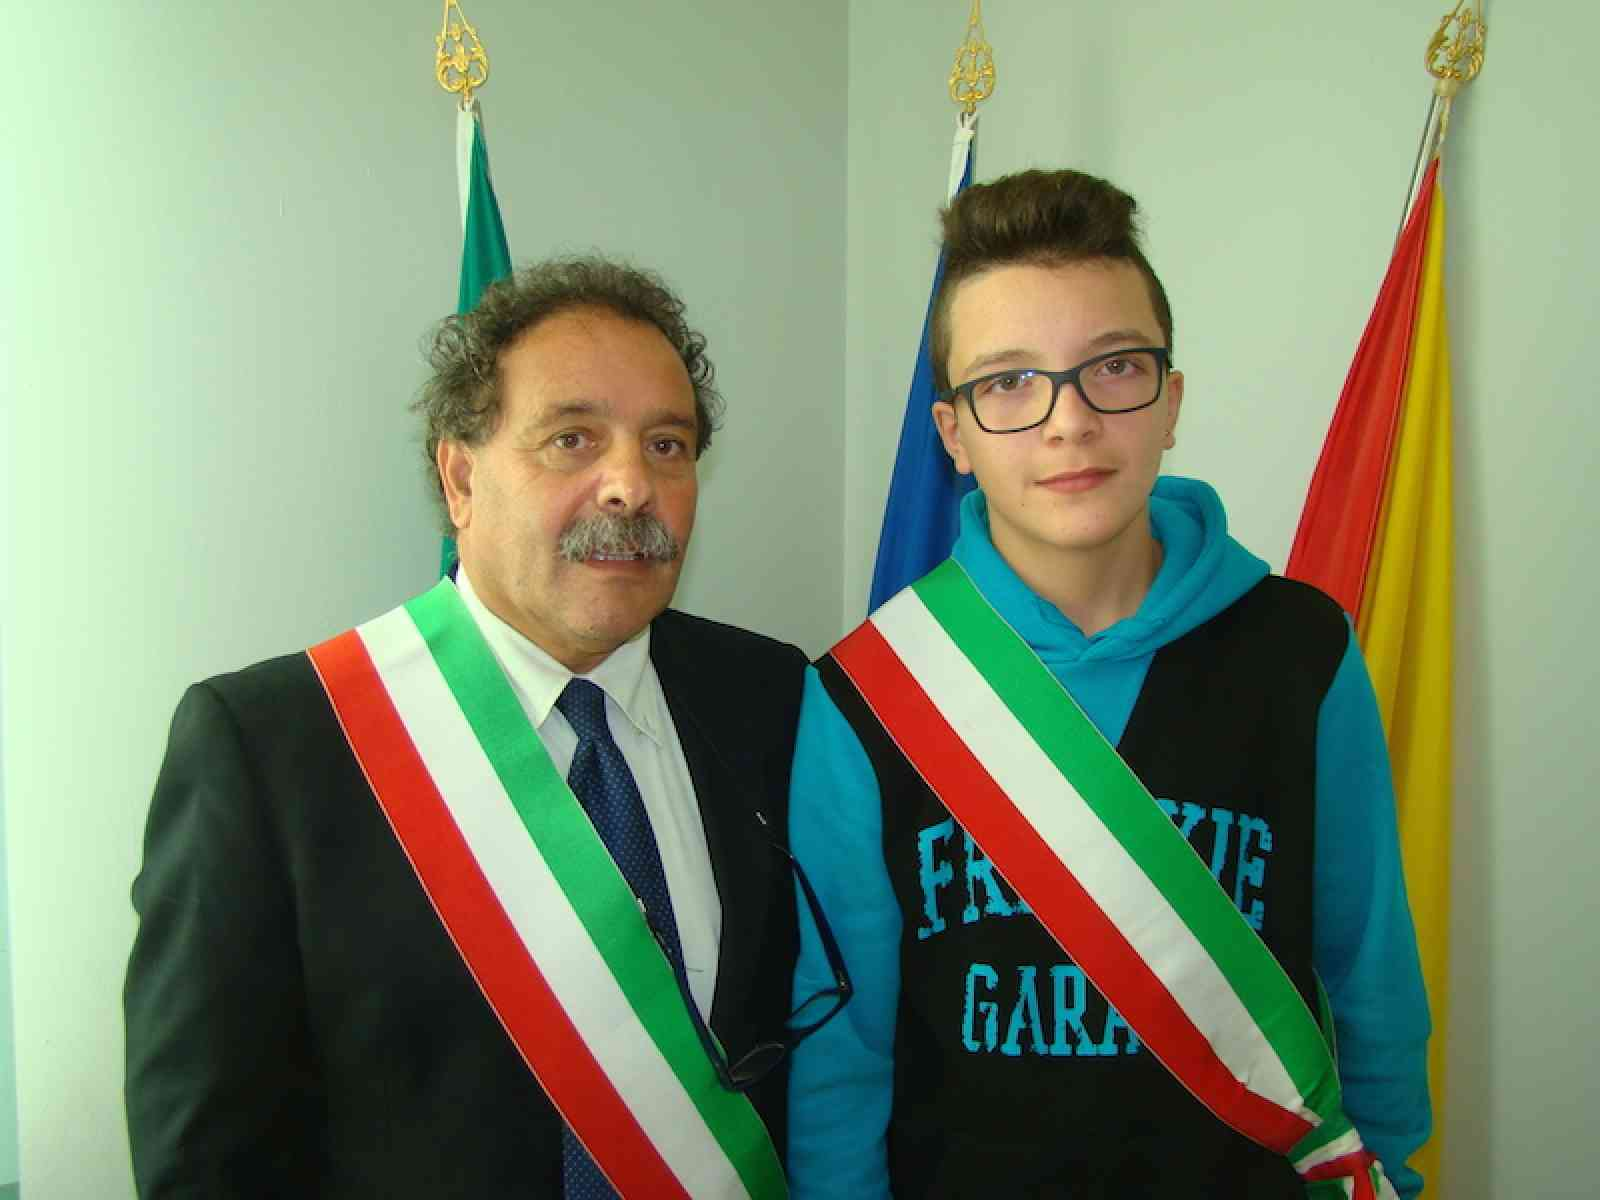 Salaparuta, Gapare Restivo è il nuovo baby sindaco